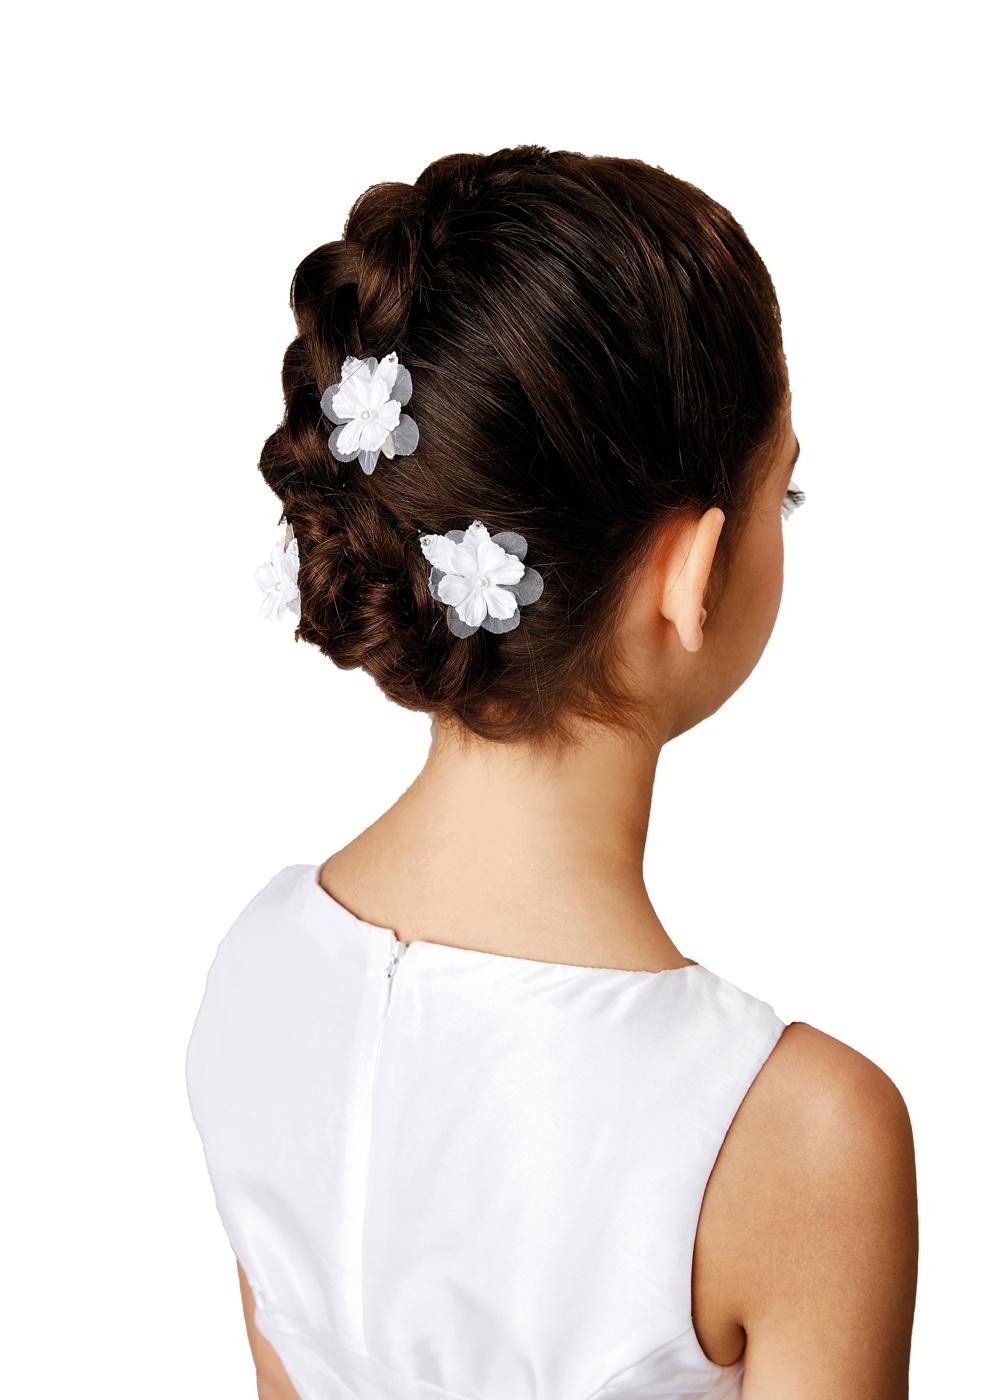 Kommunion Accessoires für Mädchen. Haarschmuck Modell 245506.